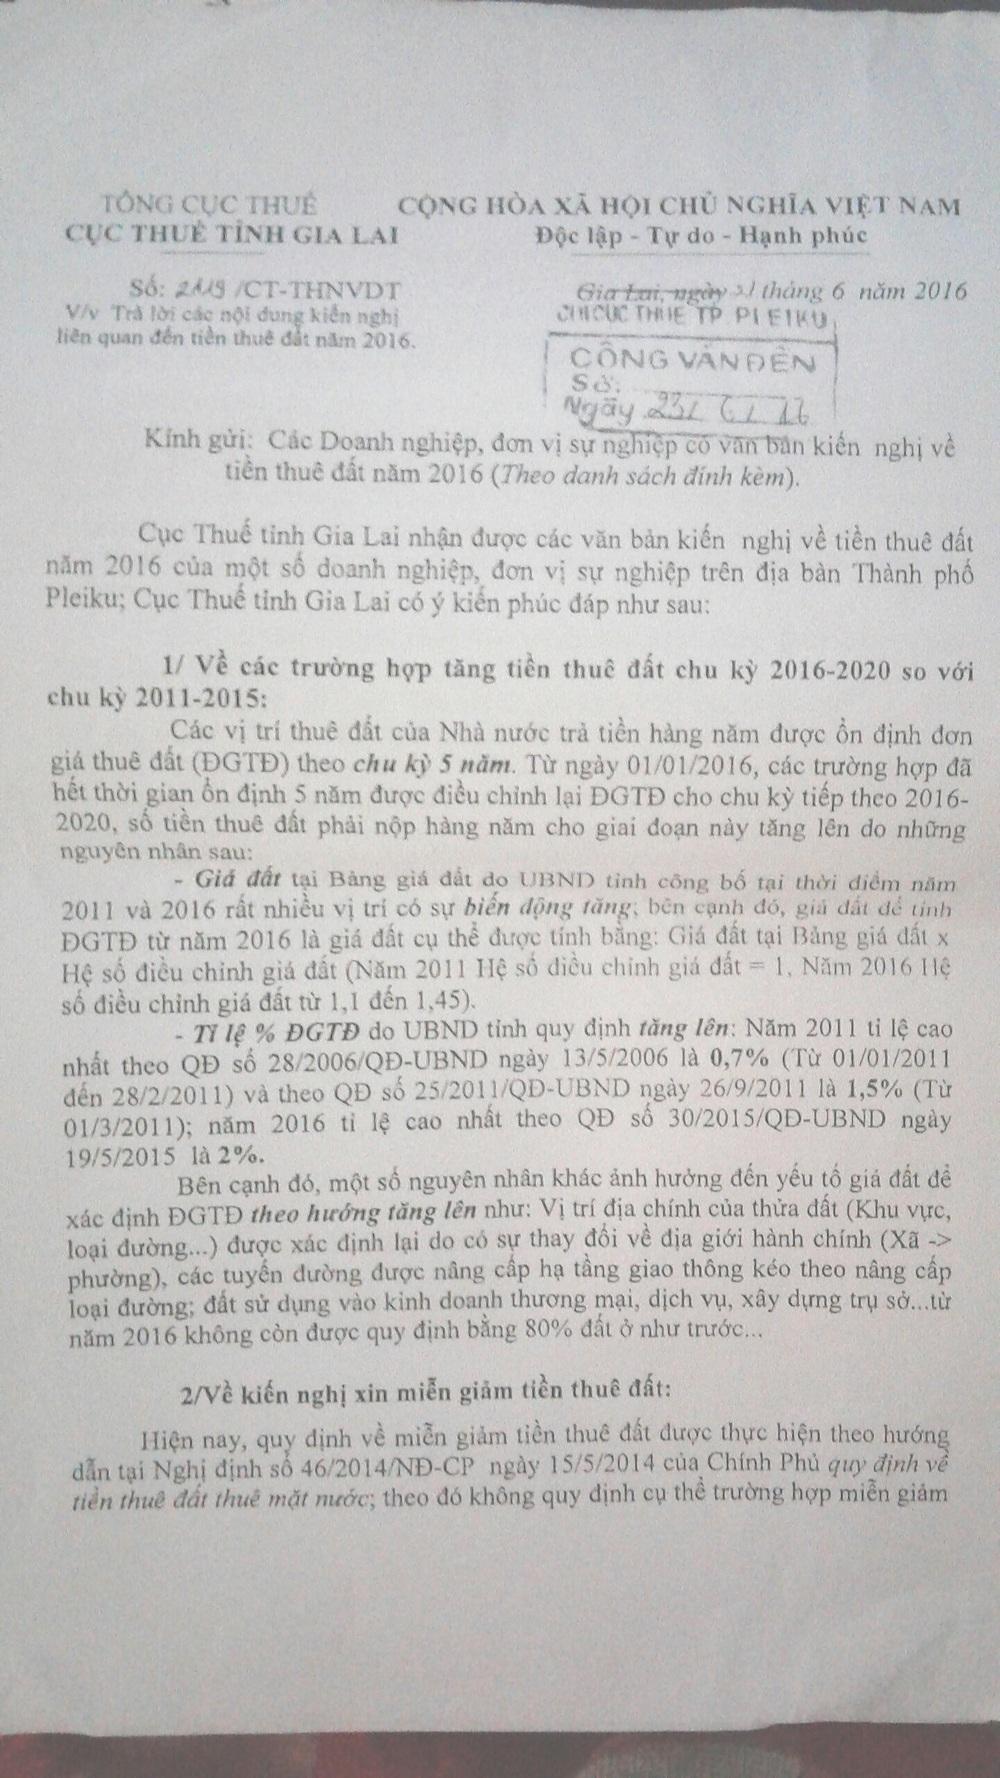 Văn bản của Cục thuế Gia Lai trả lời doanh nghiệp kiến nghị về việc tăng thuế